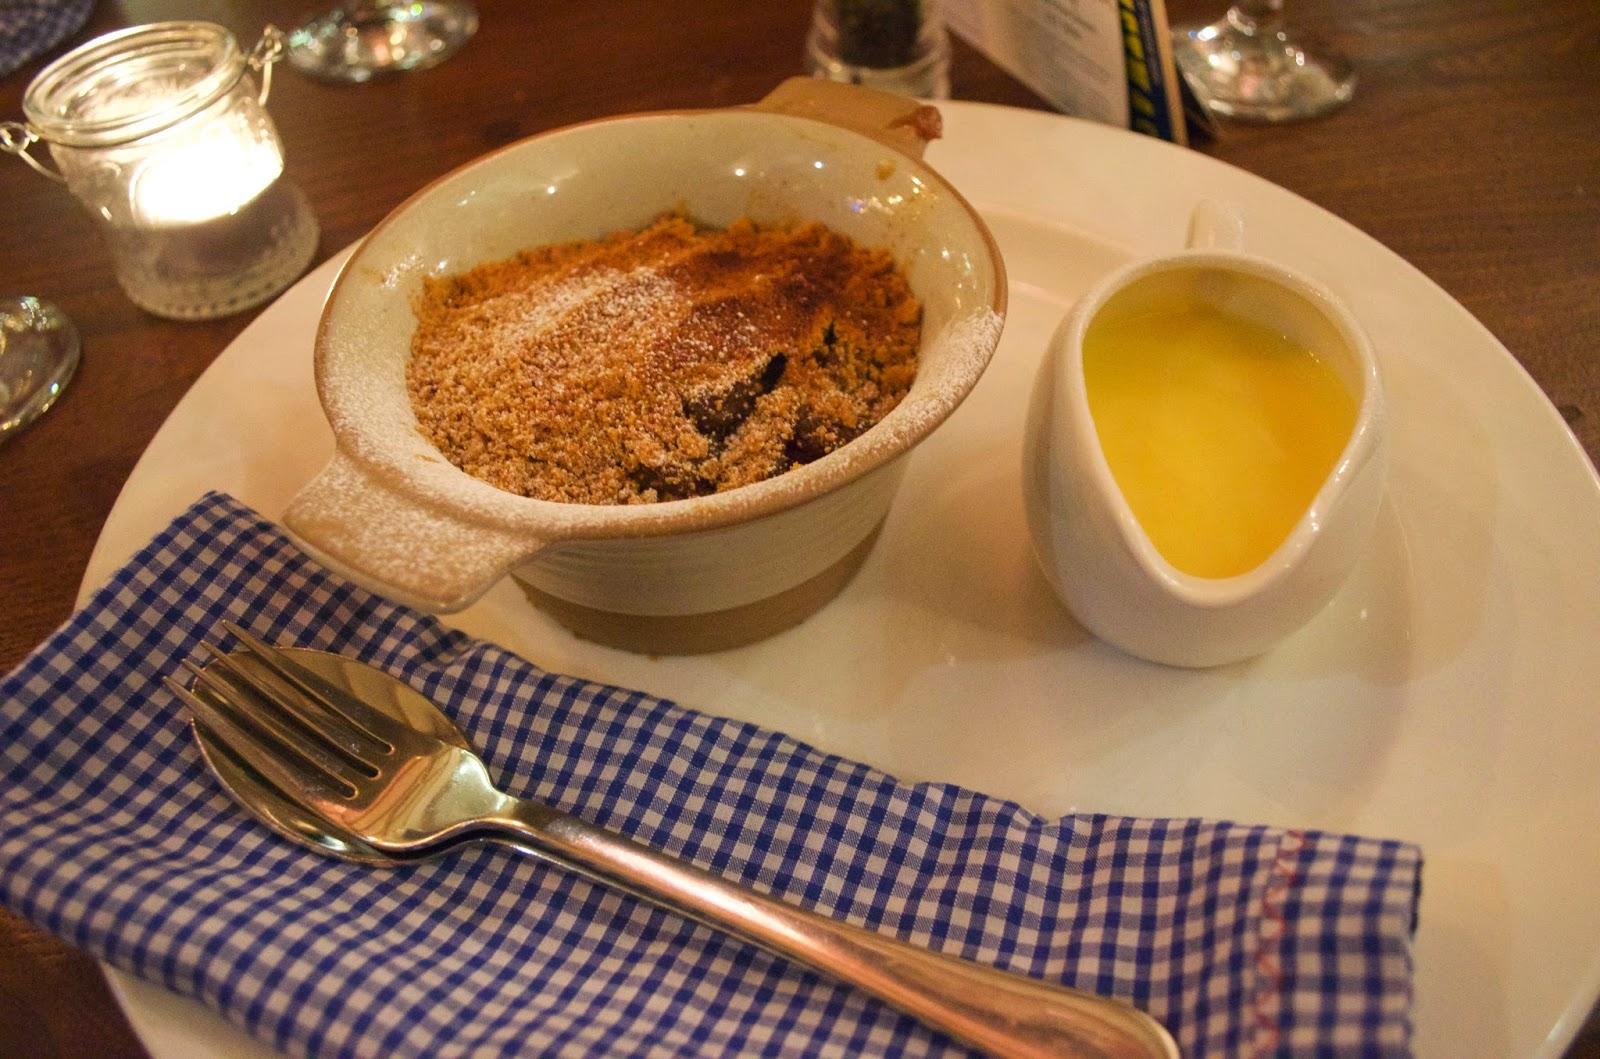 Cobbler que tomé en Inglaterra, estaba delicioso, yo lo pedí con natillas